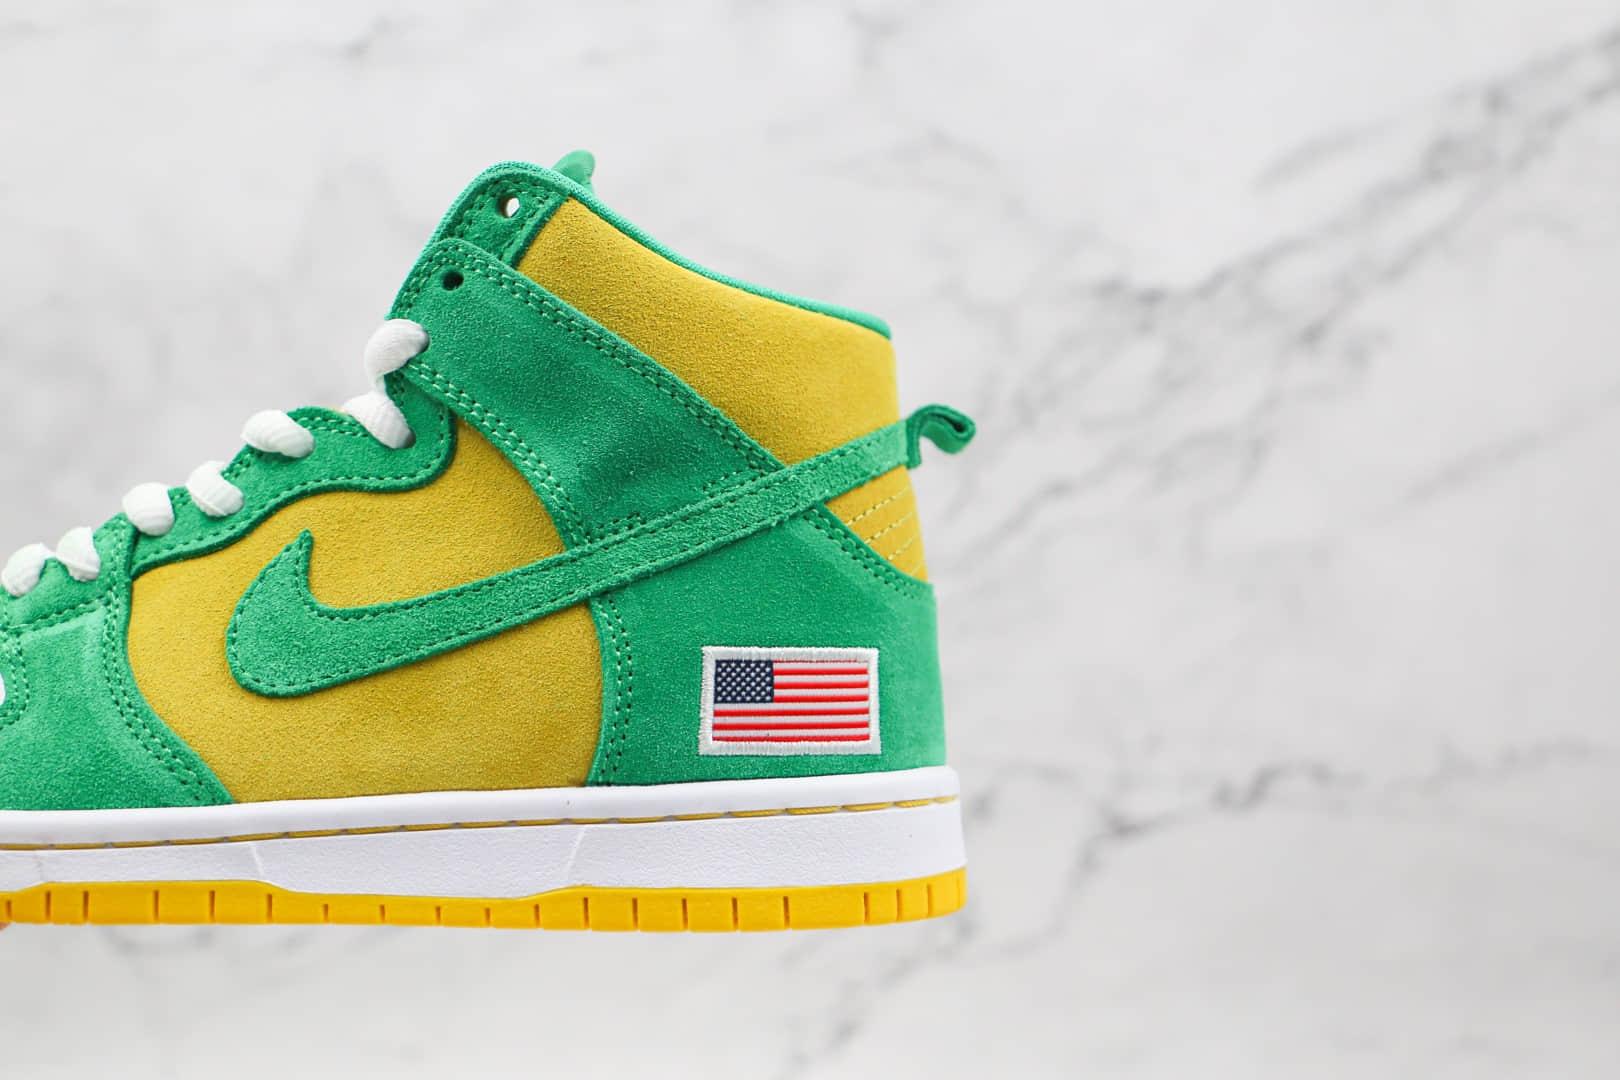 耐克Nike SB Dunk High纯原版本高帮SB DUNK美国国旗奥克兰黄绿色板鞋内置气垫 货号:305050-337